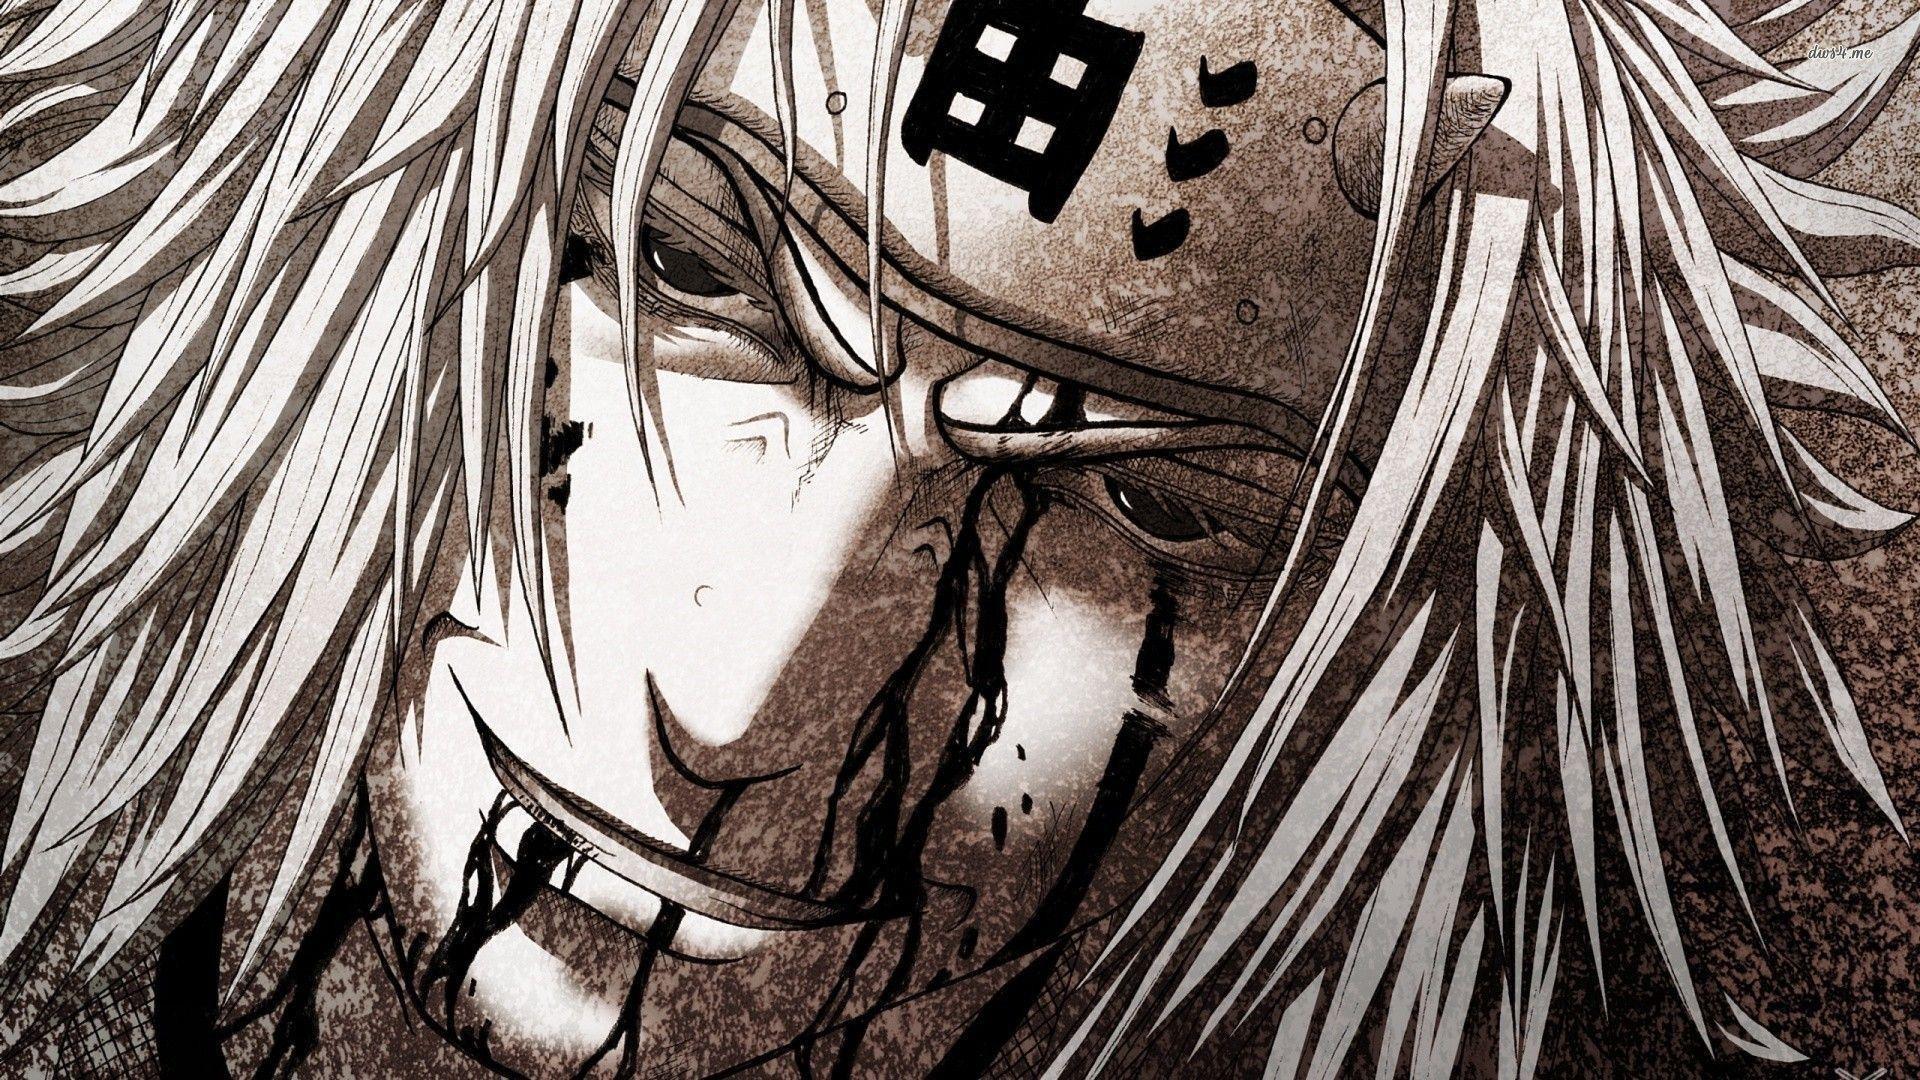 Res: 1920x1080, Jiraiya - Naruto wallpaper - Anime wallpapers - #